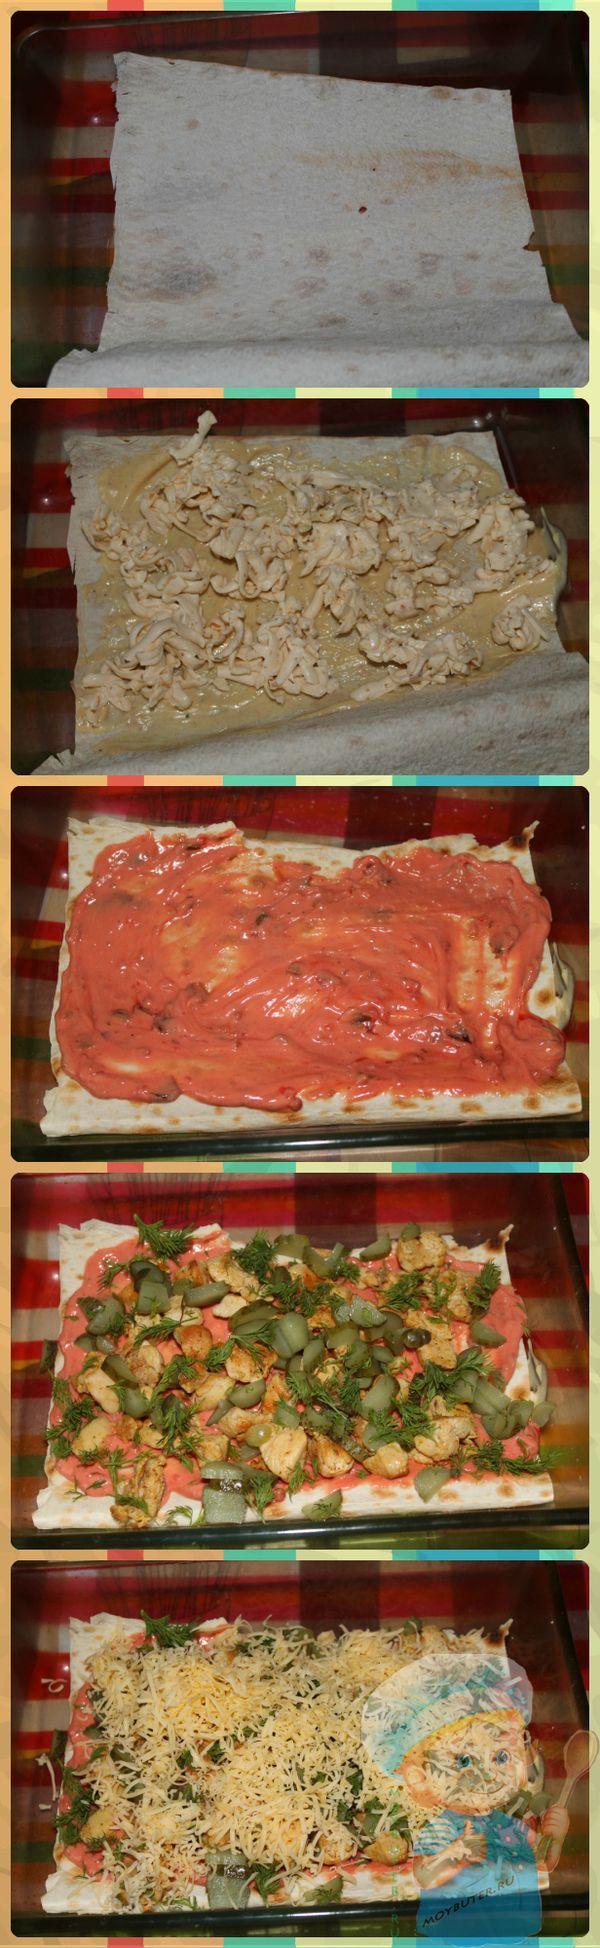 Этапы сборки лавашного пирога